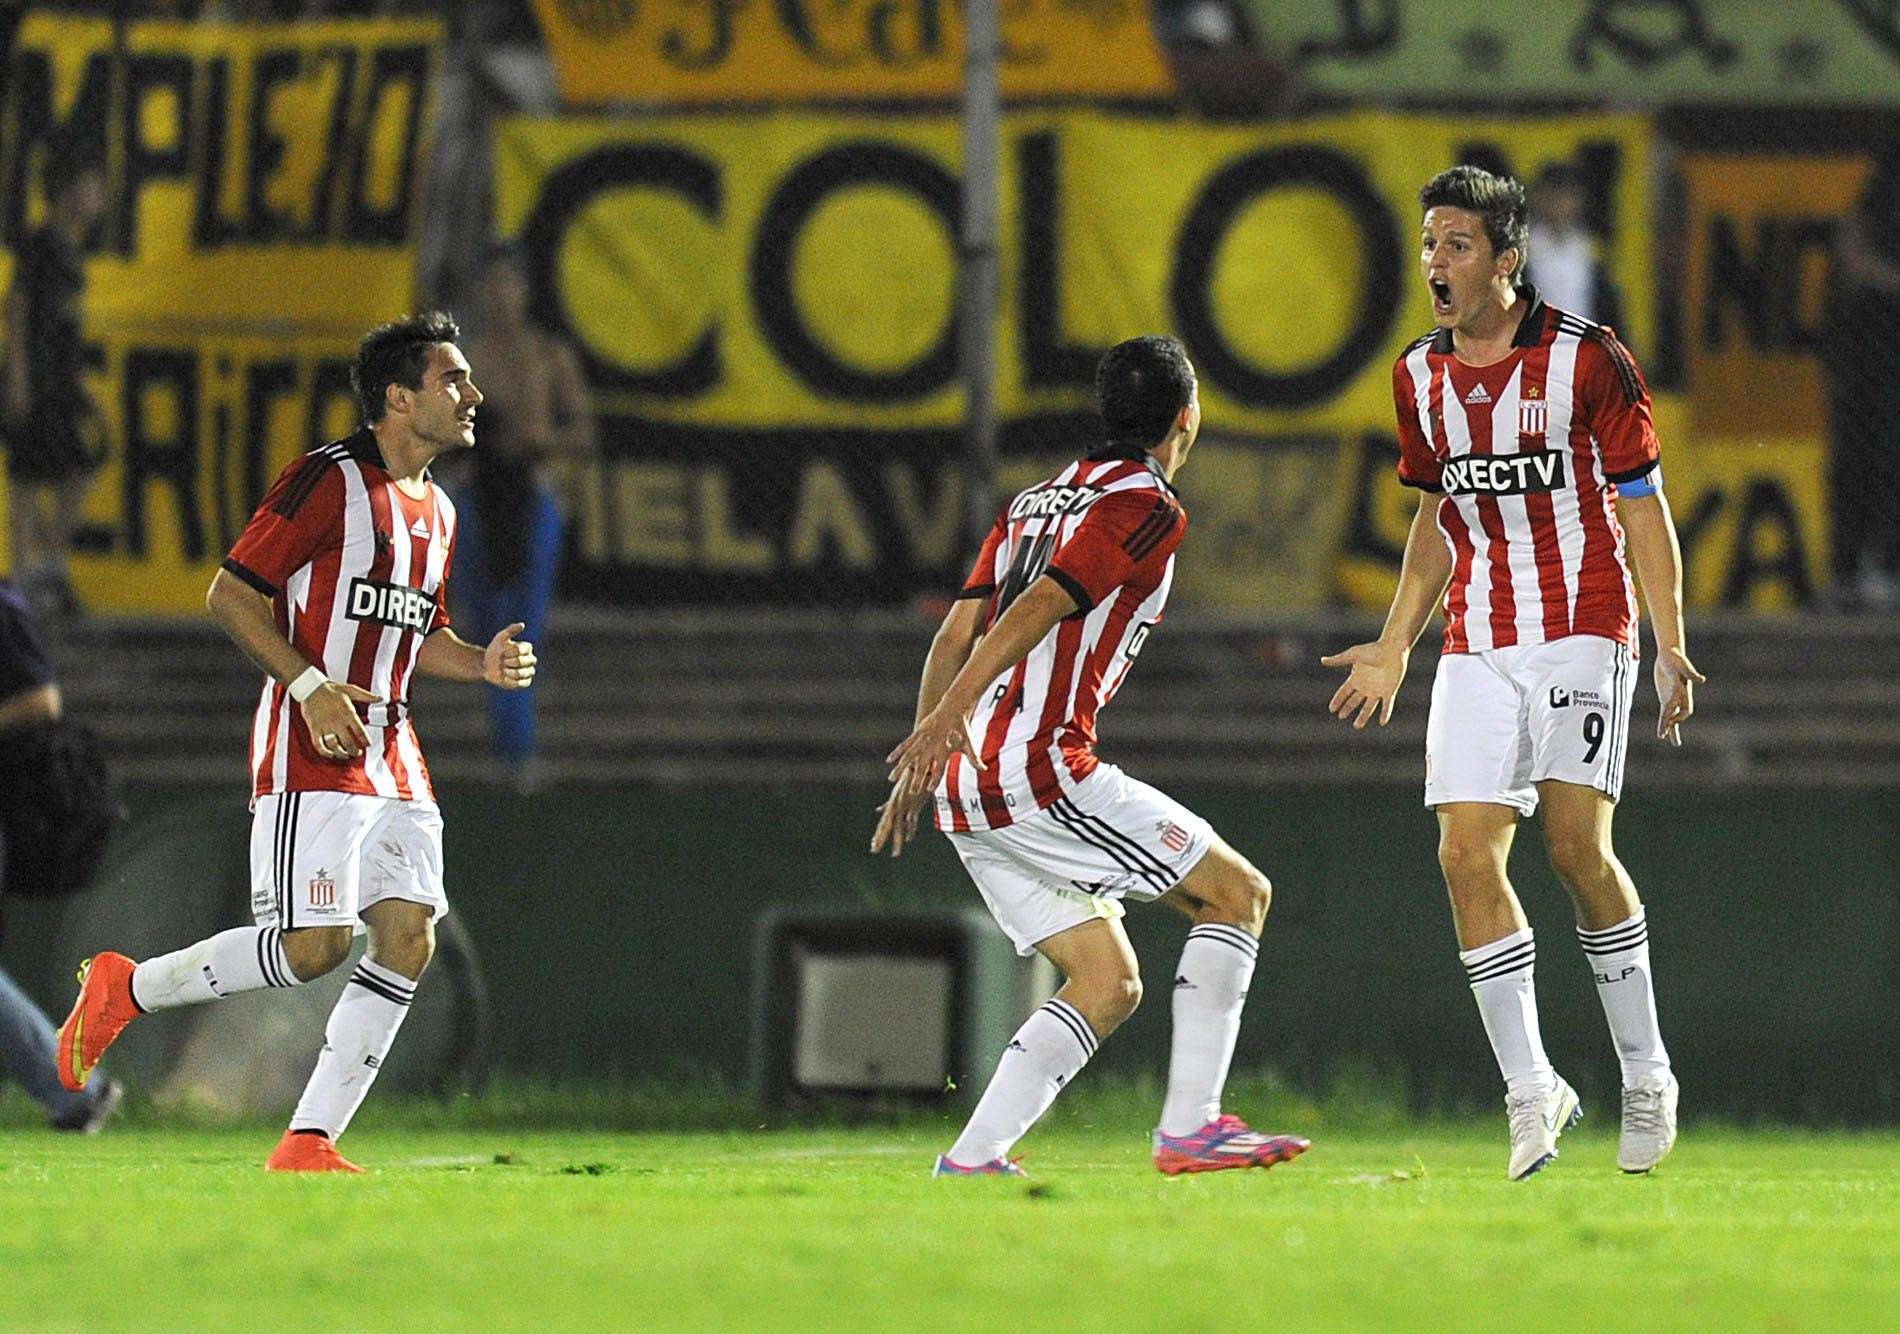 Los jugadores de Estudiantes festejan el pase a cuartos de final en el mítico Centenario. Foto: AFP en español